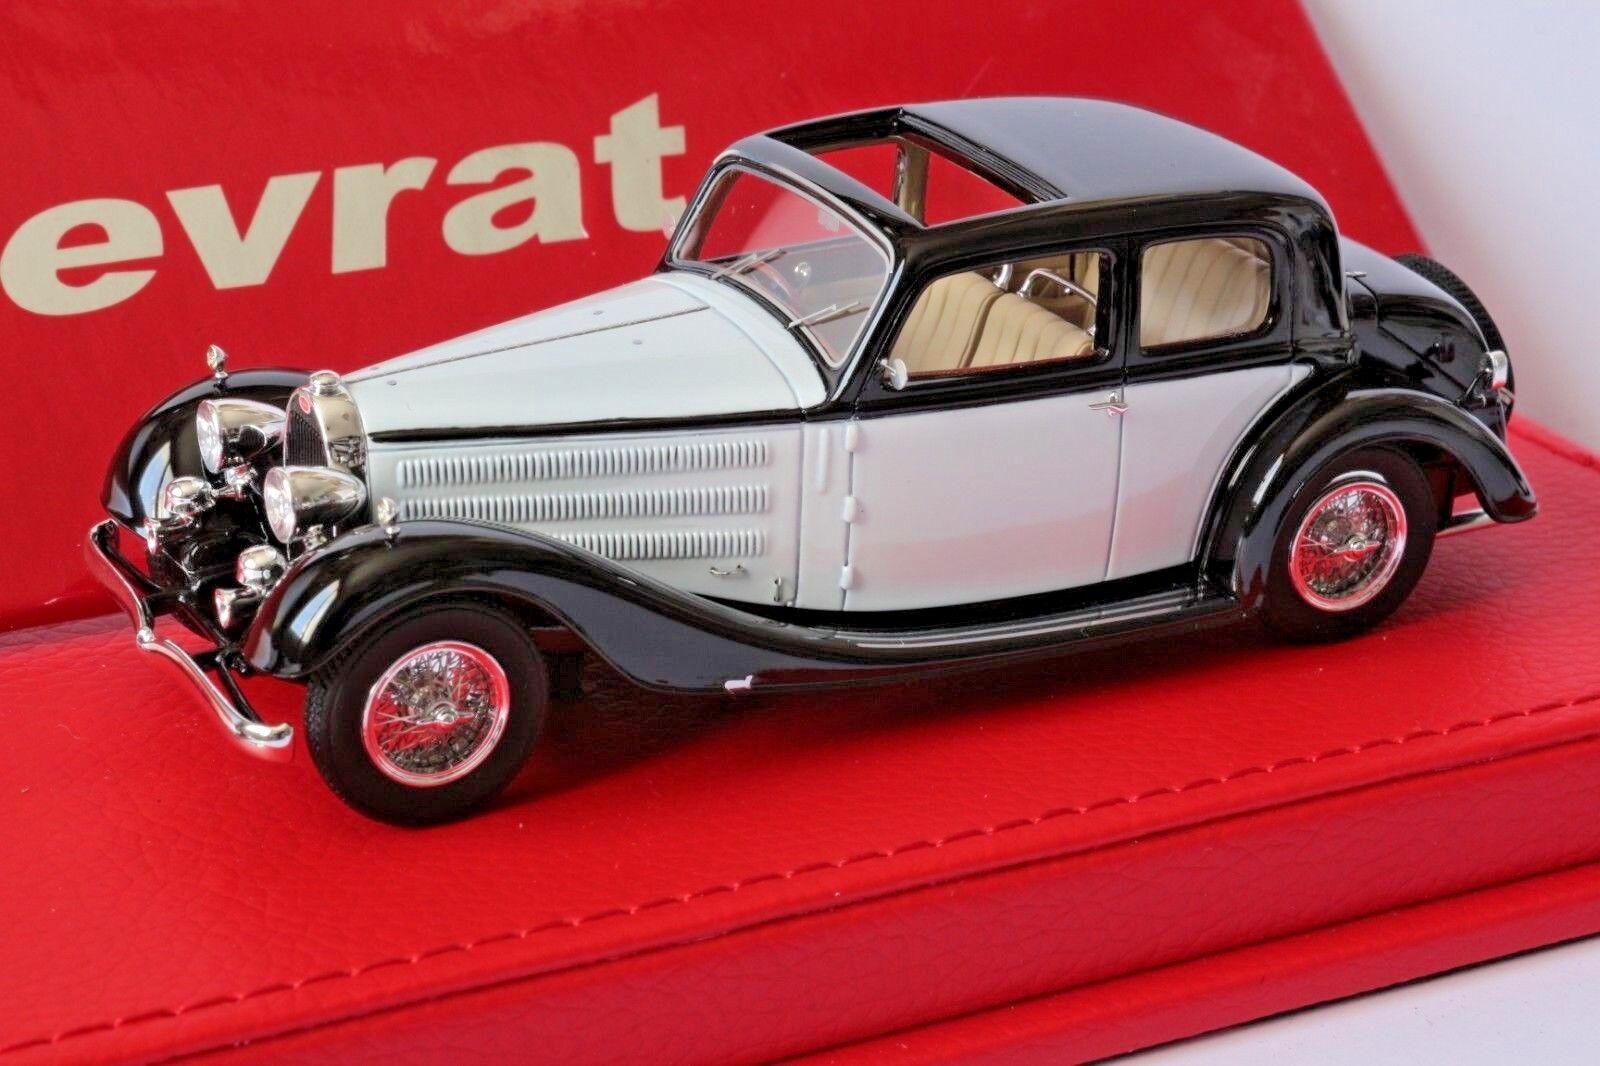 Bugatti T57 Galibier Vanvooren  57414 version origine  1/43 EVRAT EVR217